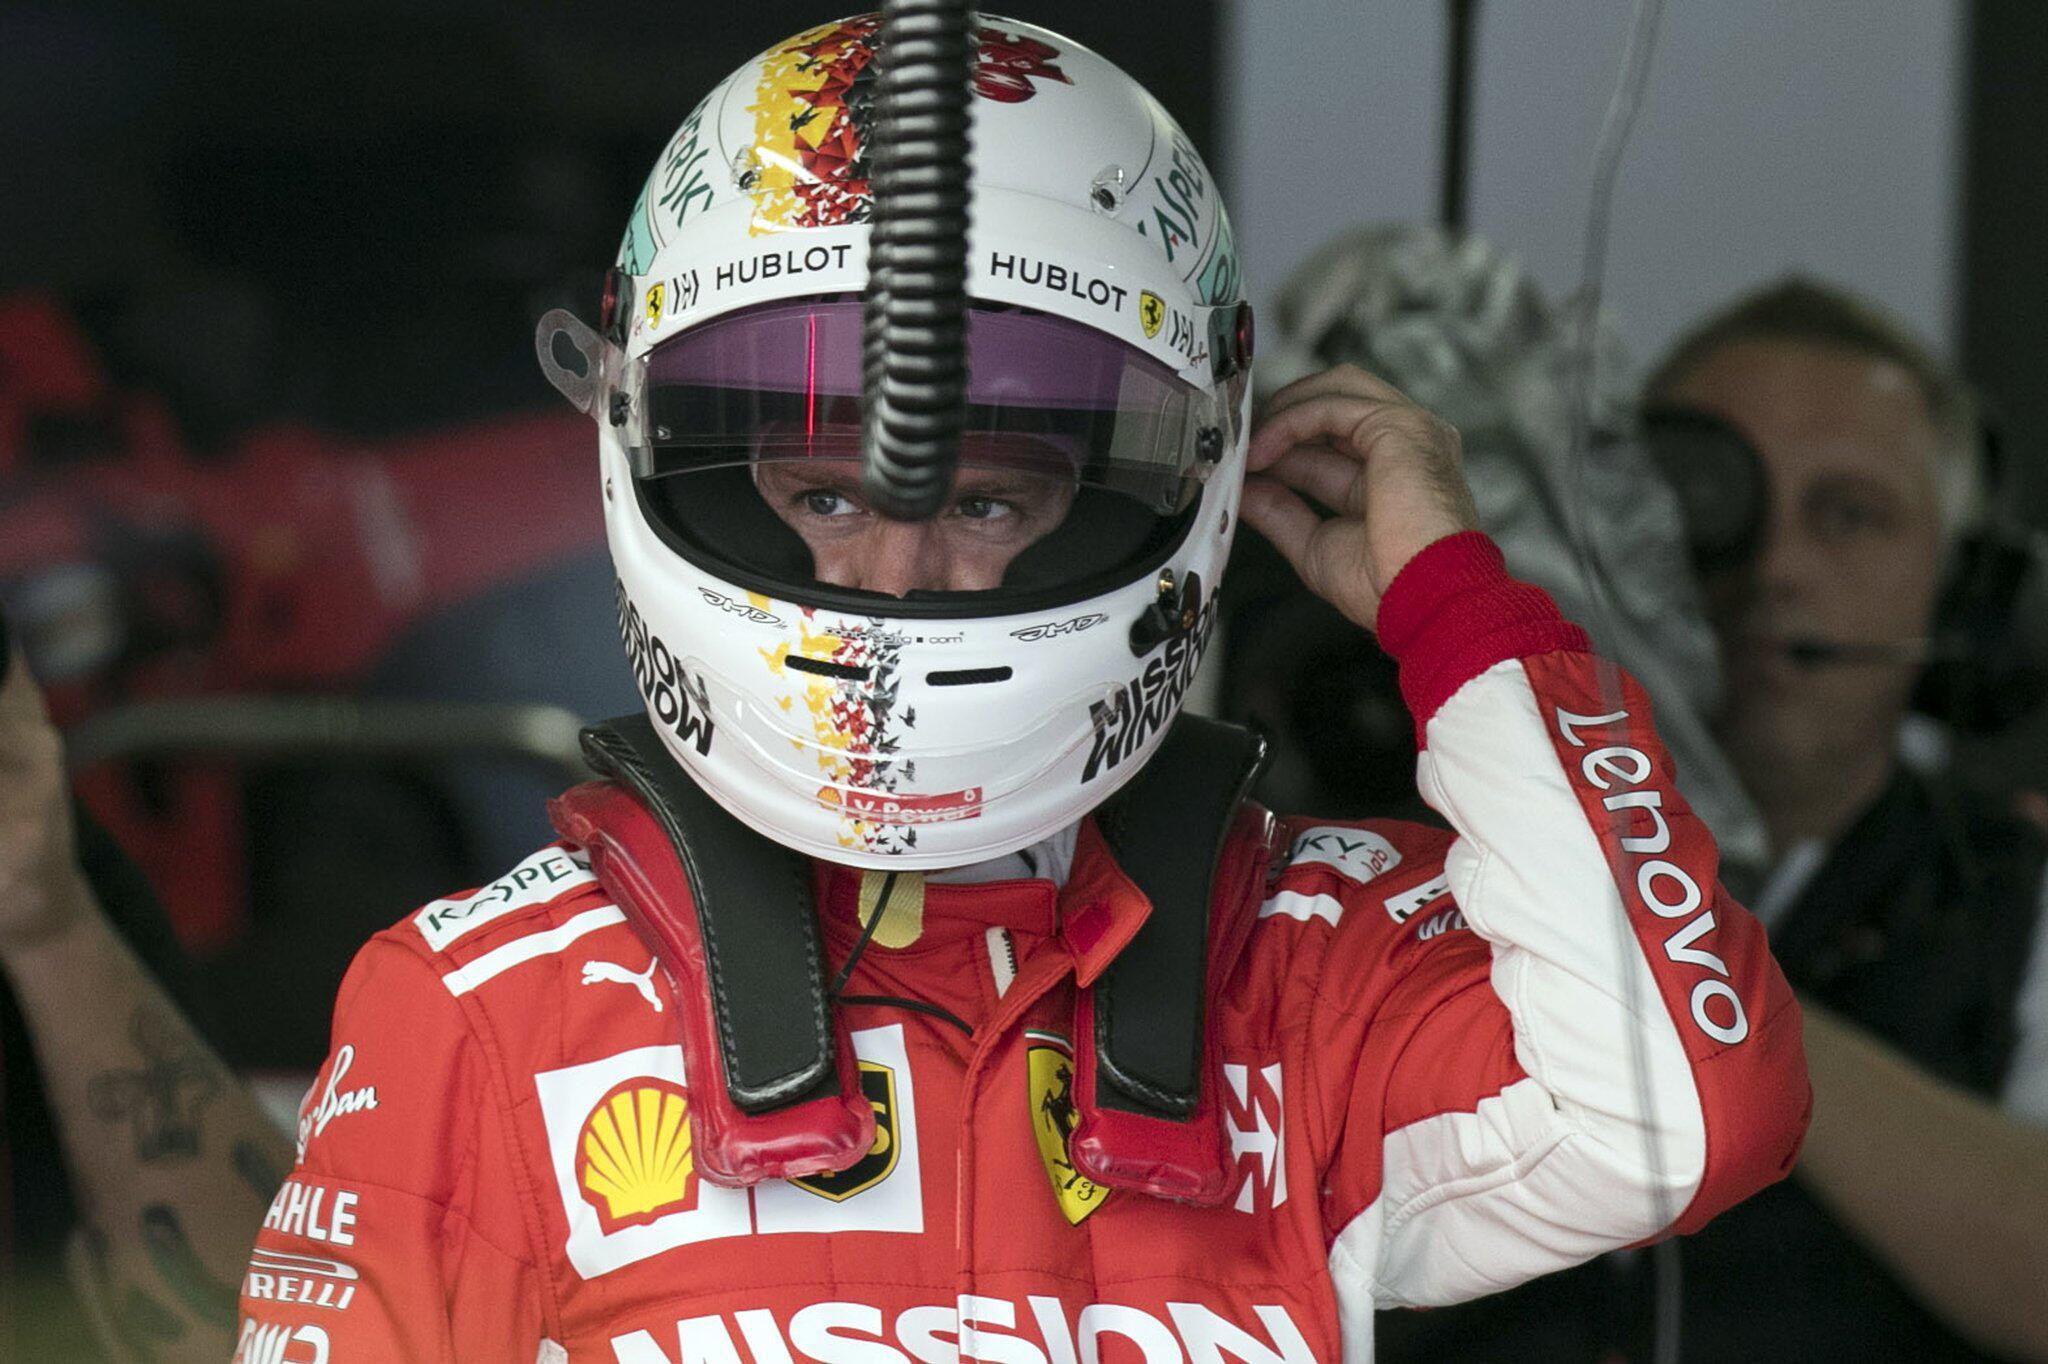 Bild zu Formel 1: Grosser Preis von Japan - Training